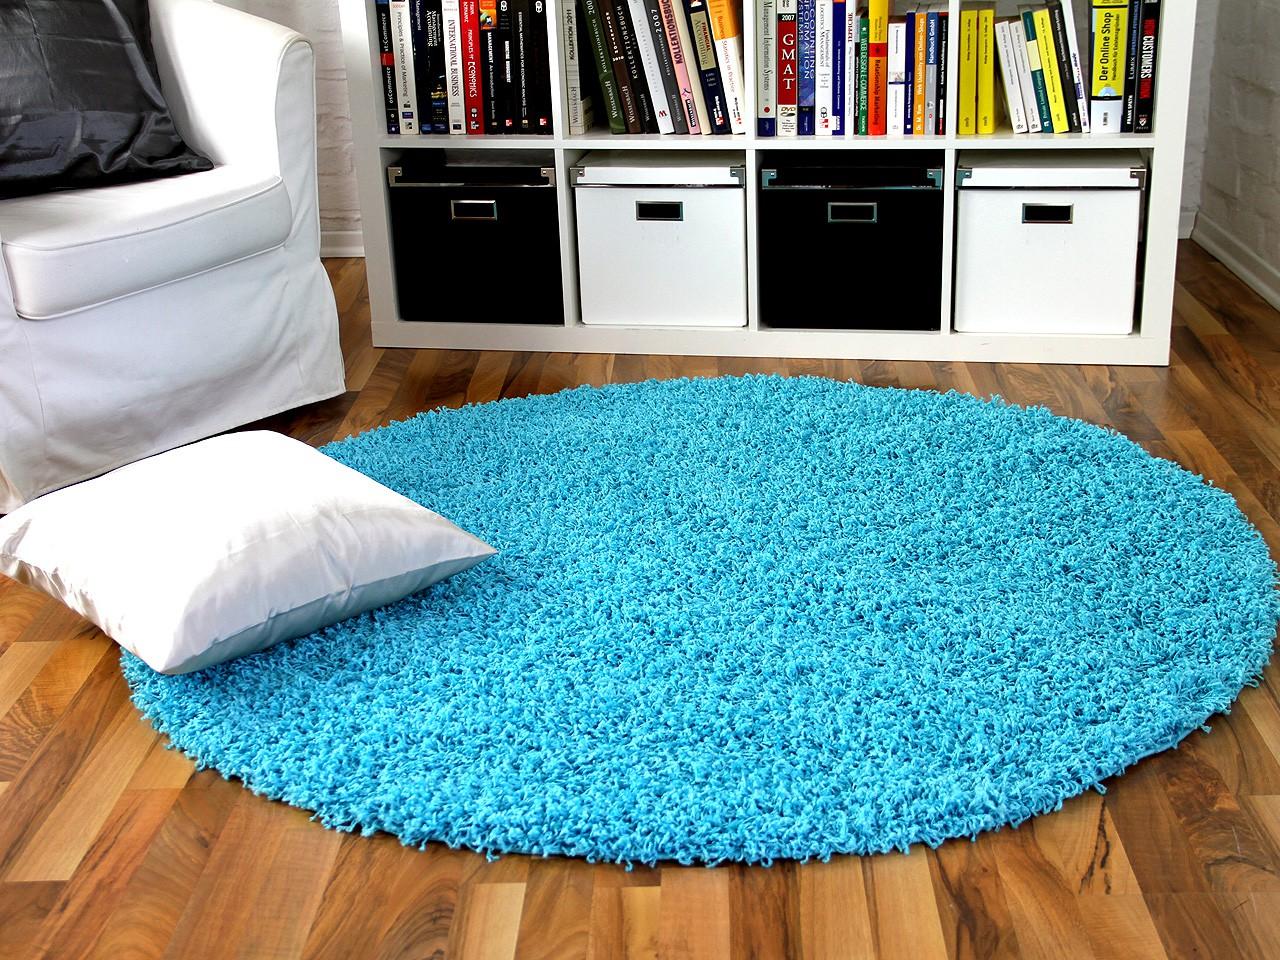 hochflor langflor shaggy teppich aloha aqua rund teppiche hochflor langflor teppiche gr n und blau. Black Bedroom Furniture Sets. Home Design Ideas